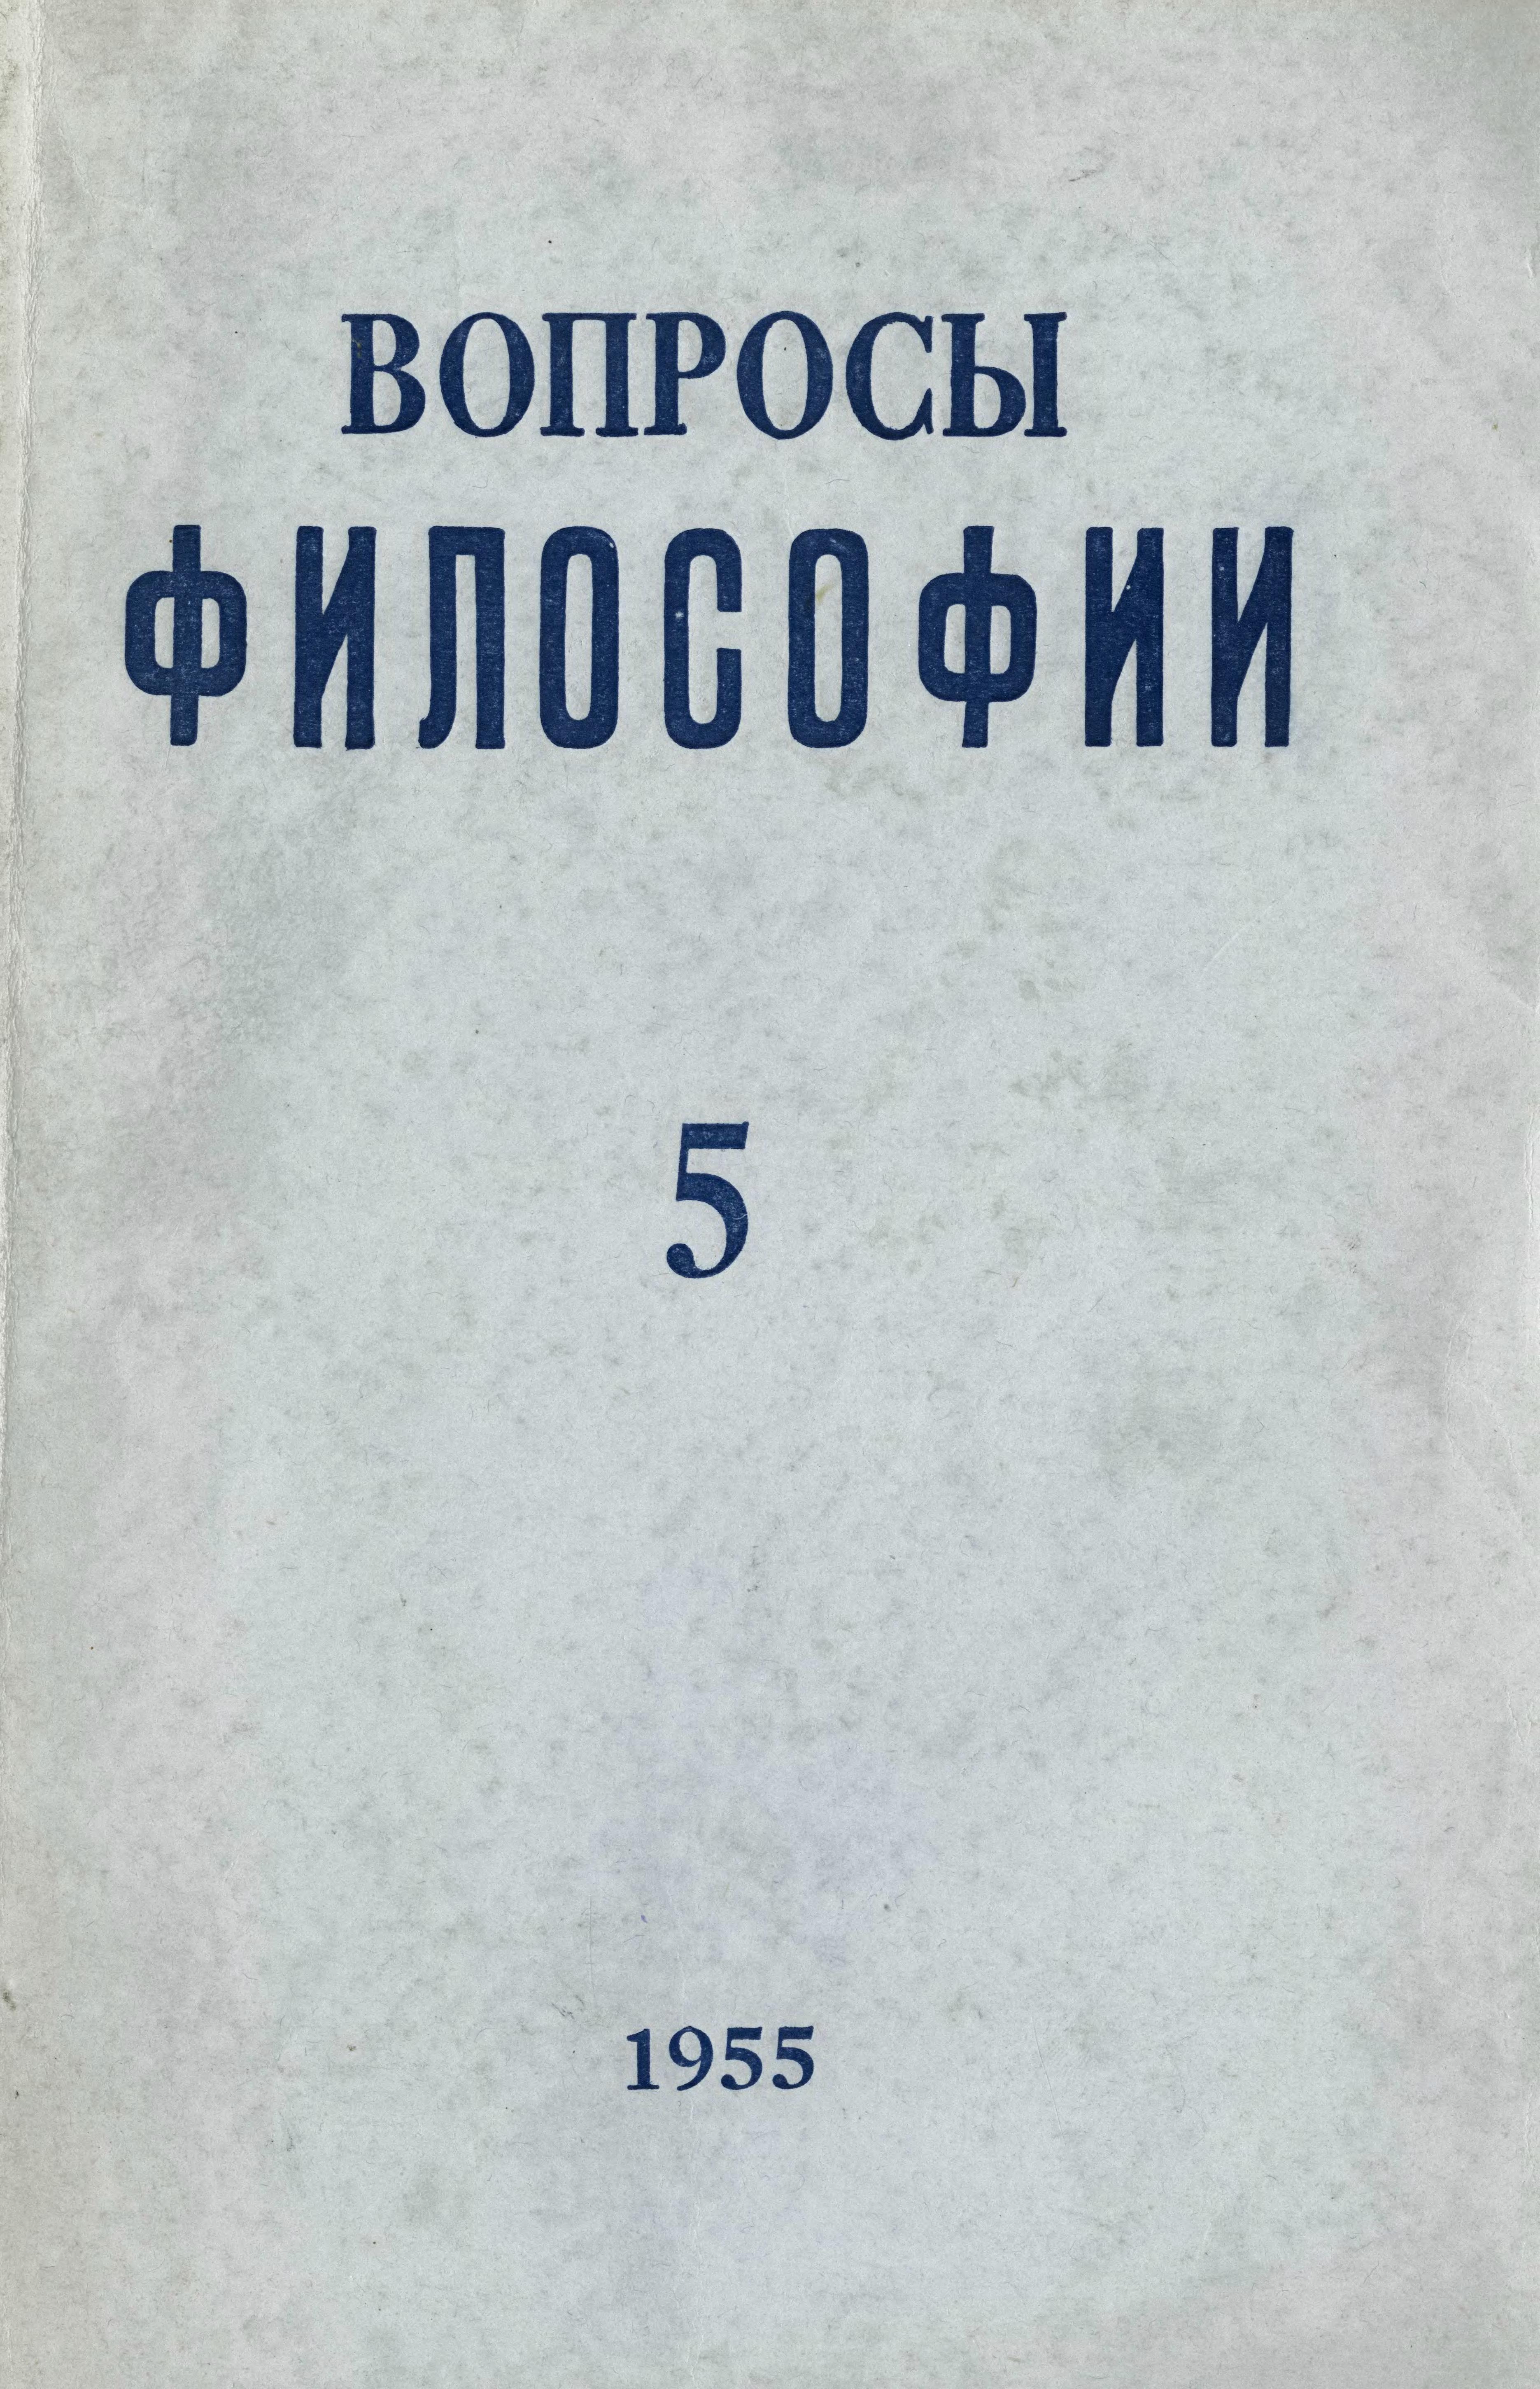 ВФ, № 5 - 1955_1